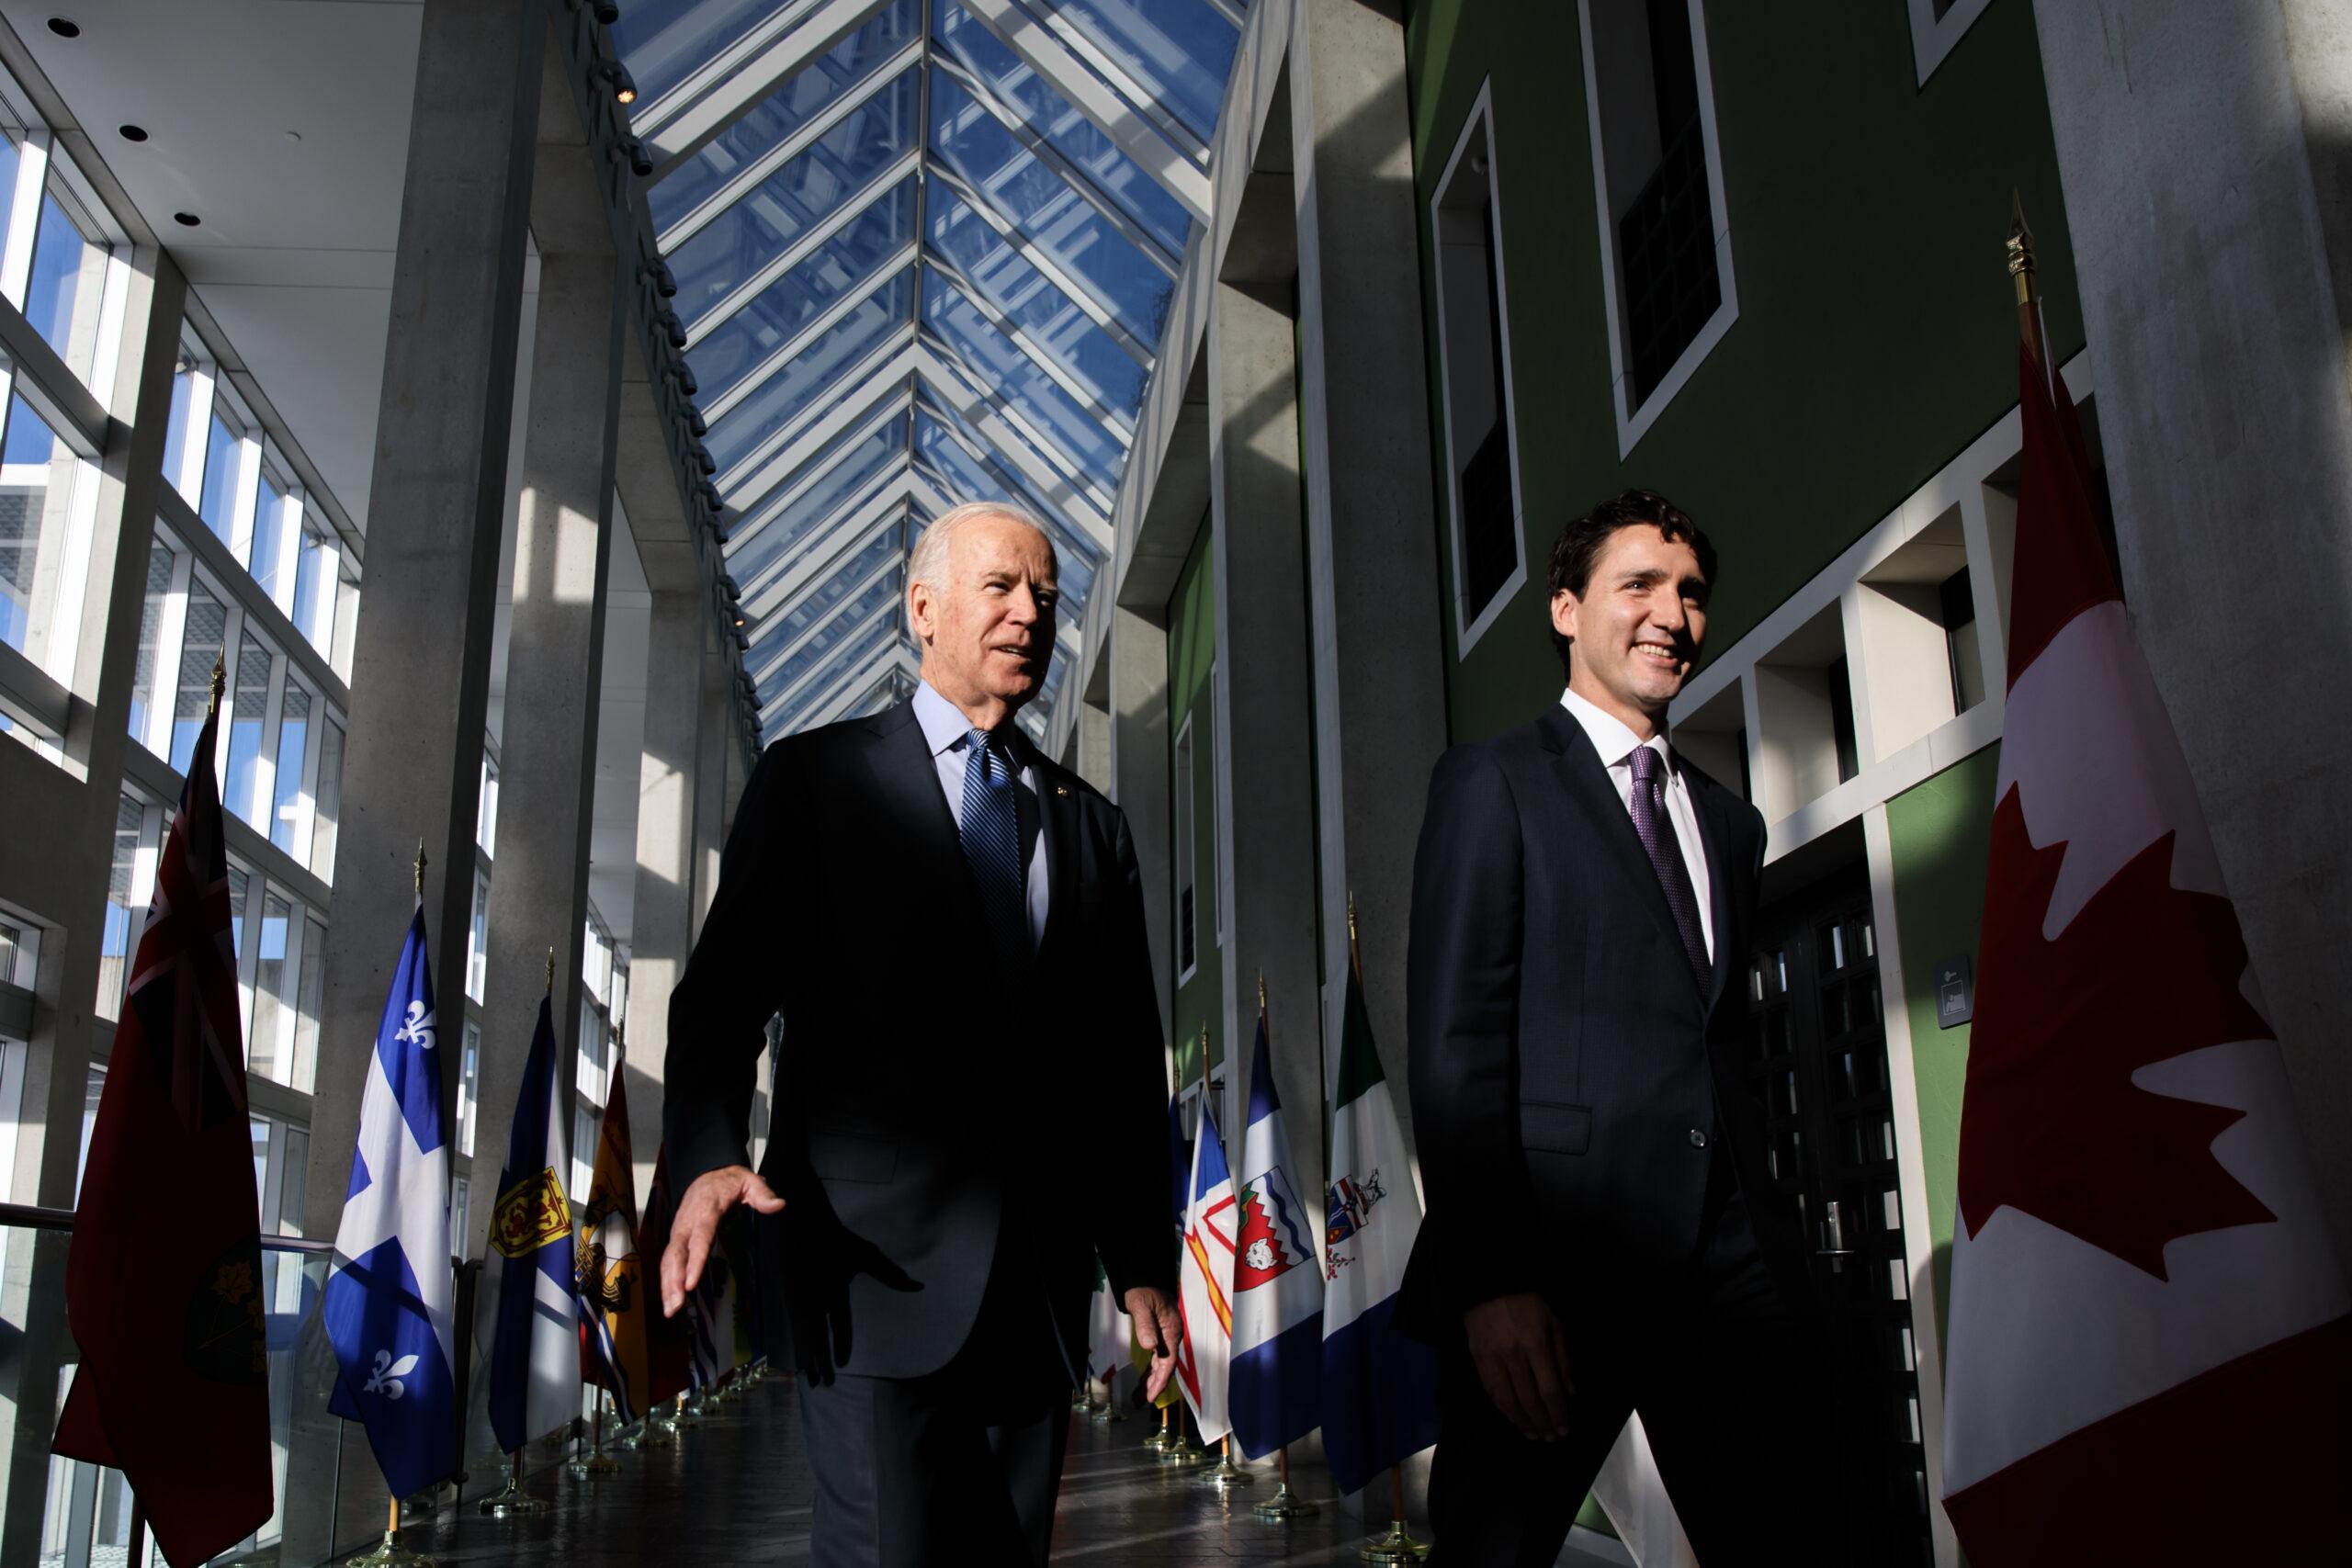 U.S. President Joe Biden and Prime Minister Justin Trudeau walking together indoors